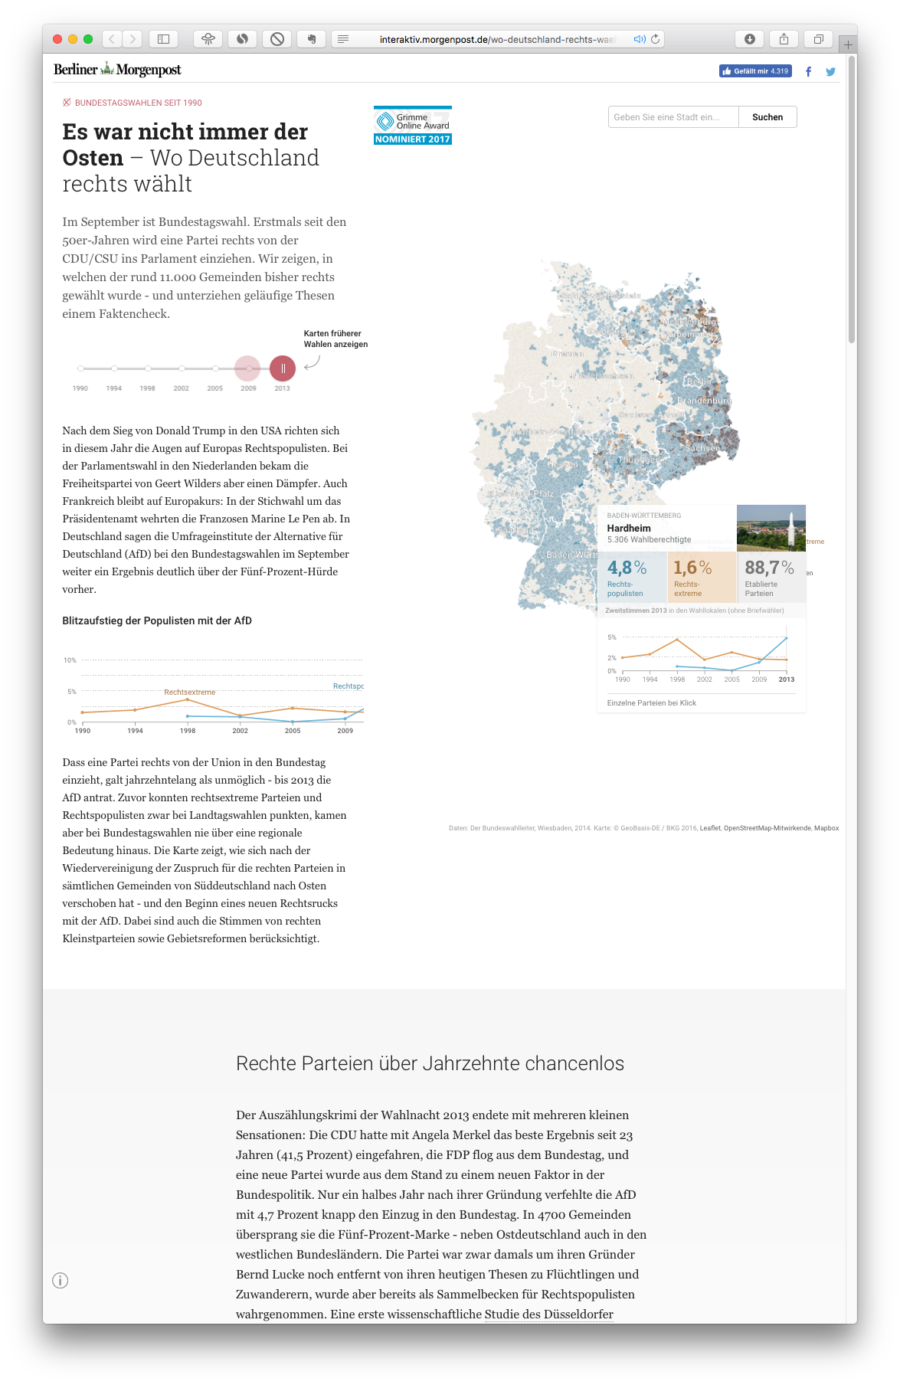 """Die Microsite """"Es war nicht immer der Osten"""" veranschaulicht mit Hilfe einer interaktiven Karte, wie sich die rechten Hochburgen seit der 90er Jahre vom Süden Deutschlands in den Osten verlagerten und welche Entwicklung mit der AfD einhergeht. Fakten begleitet von einordnenden Texten unterstützen das aufklärende Projekt der Berliner Morgenpost: http://interaktiv.morgenpost.de/wo-deutschland-rechts-waehlt/"""